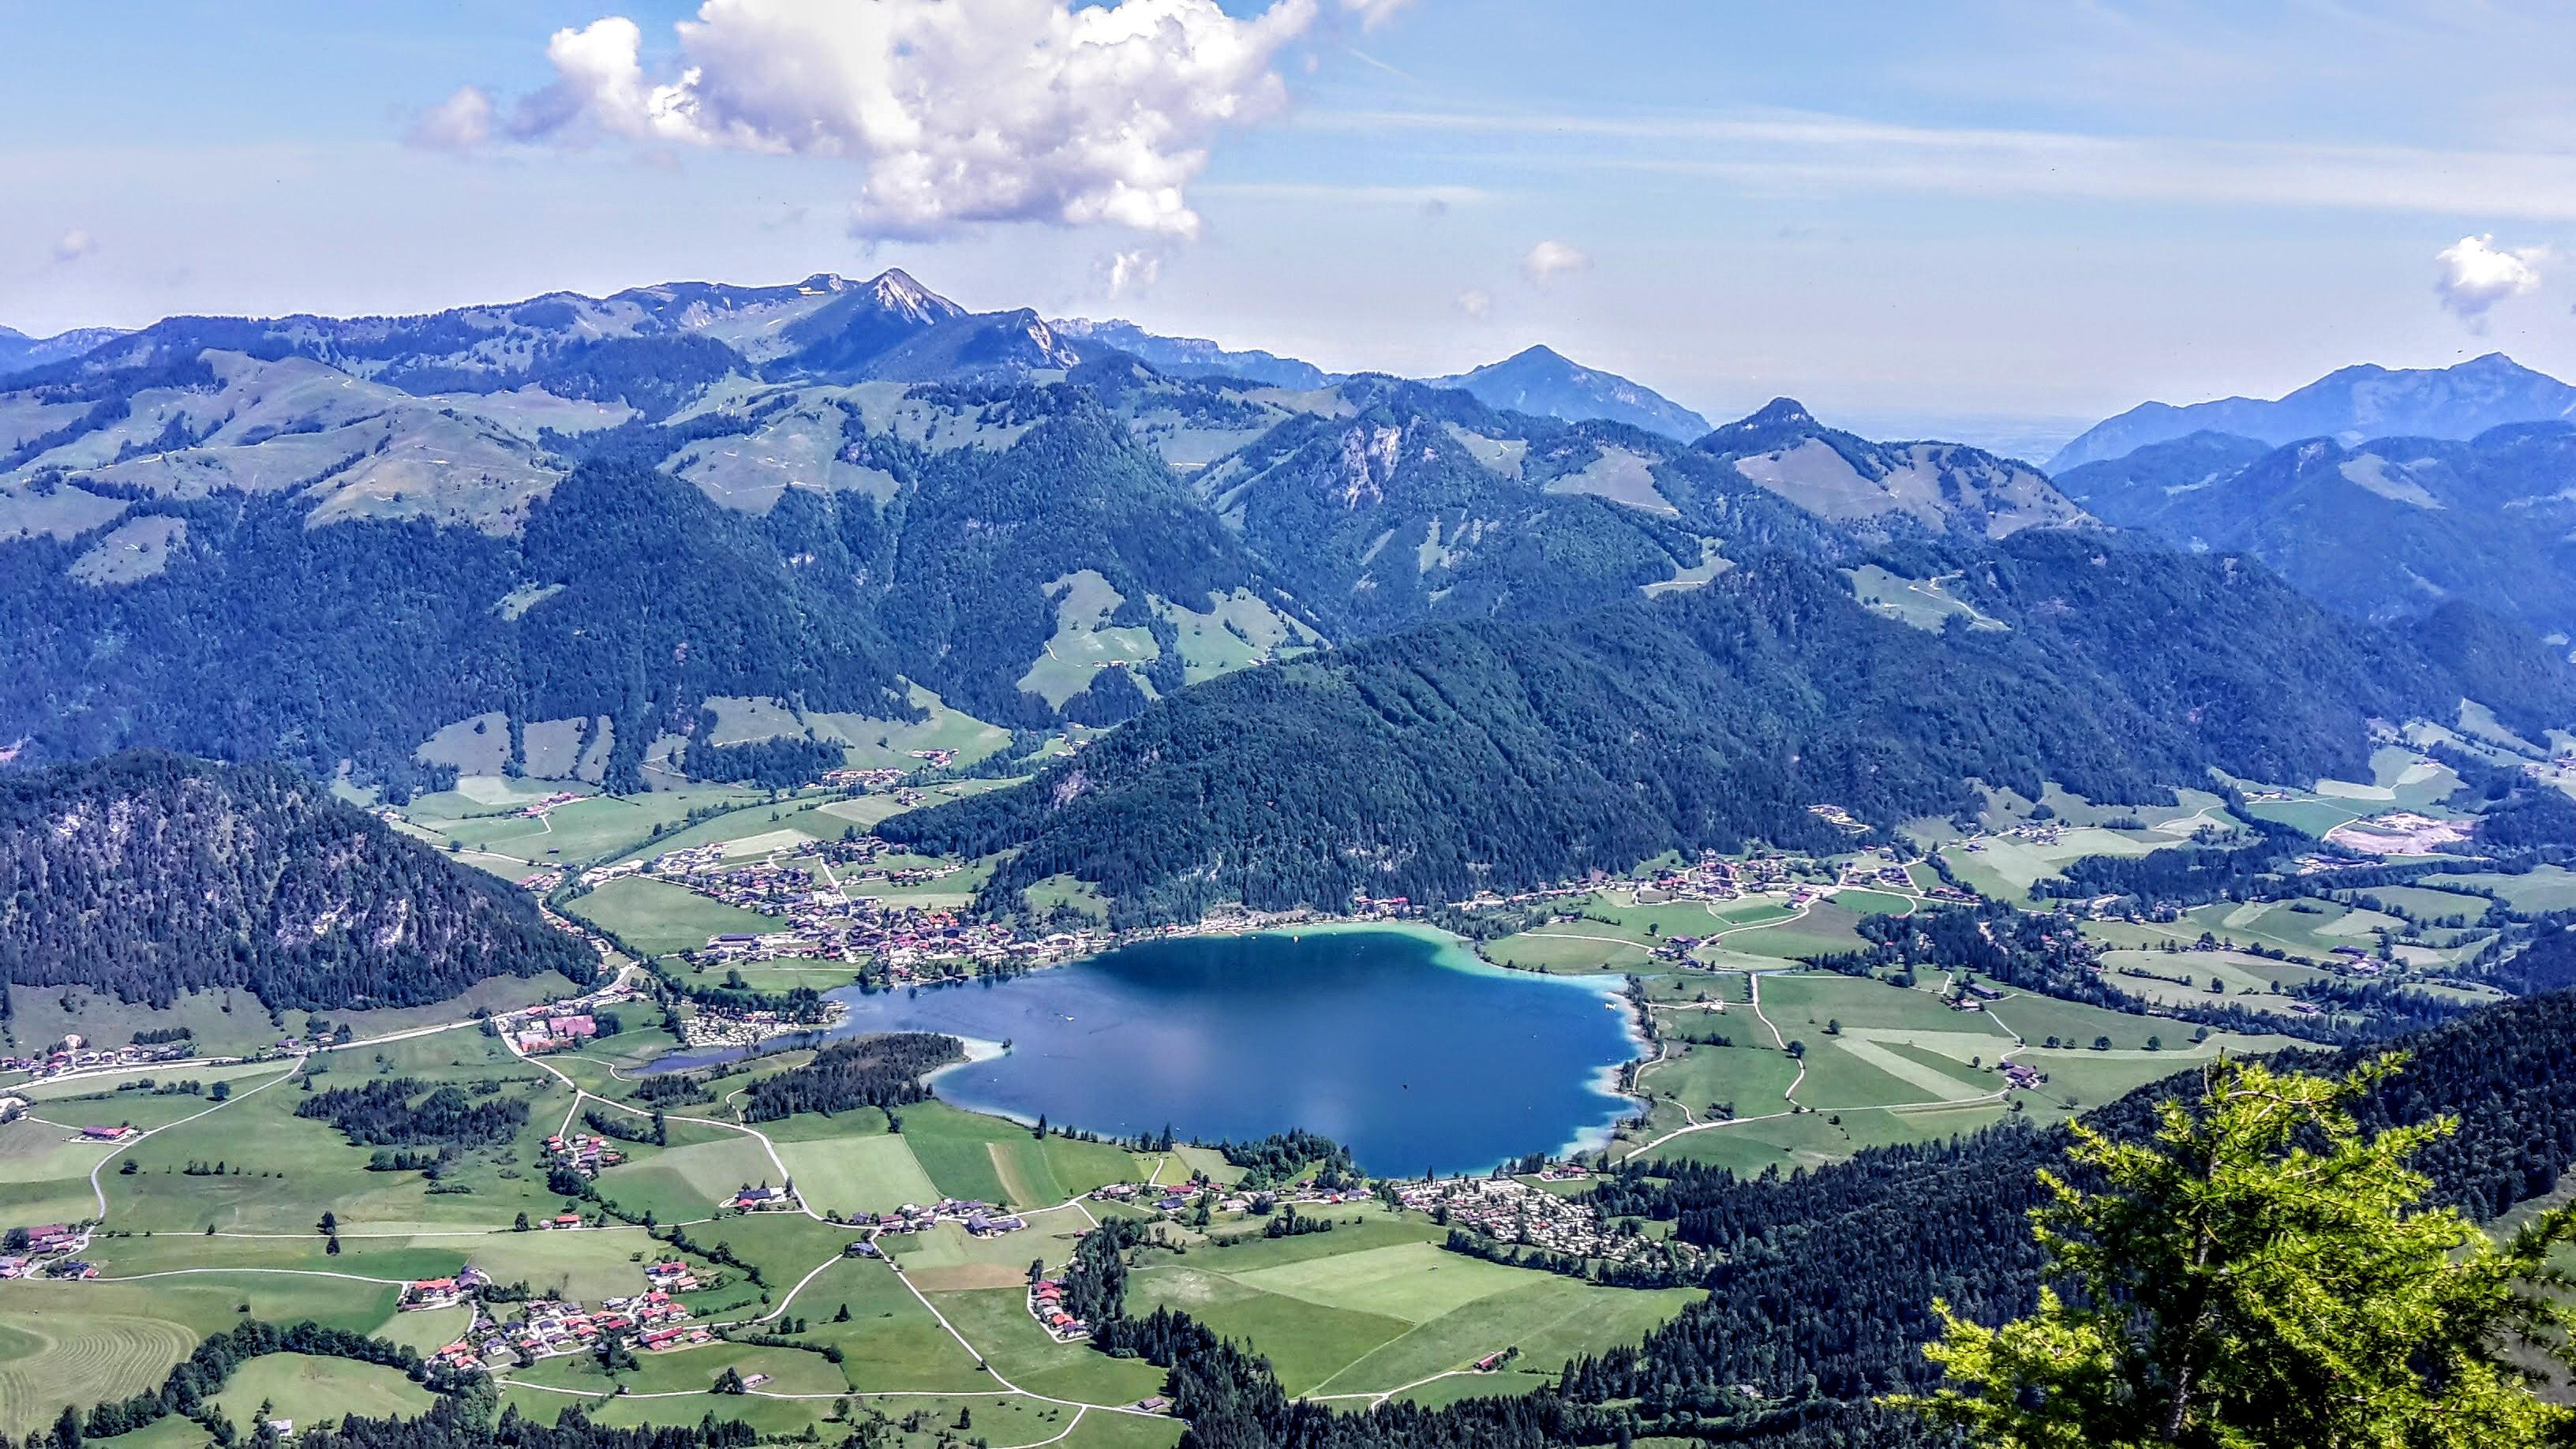 Klettersteig Walchsee : Wandern im kaiserwinkl heuberg m walchsee u bergseensucht